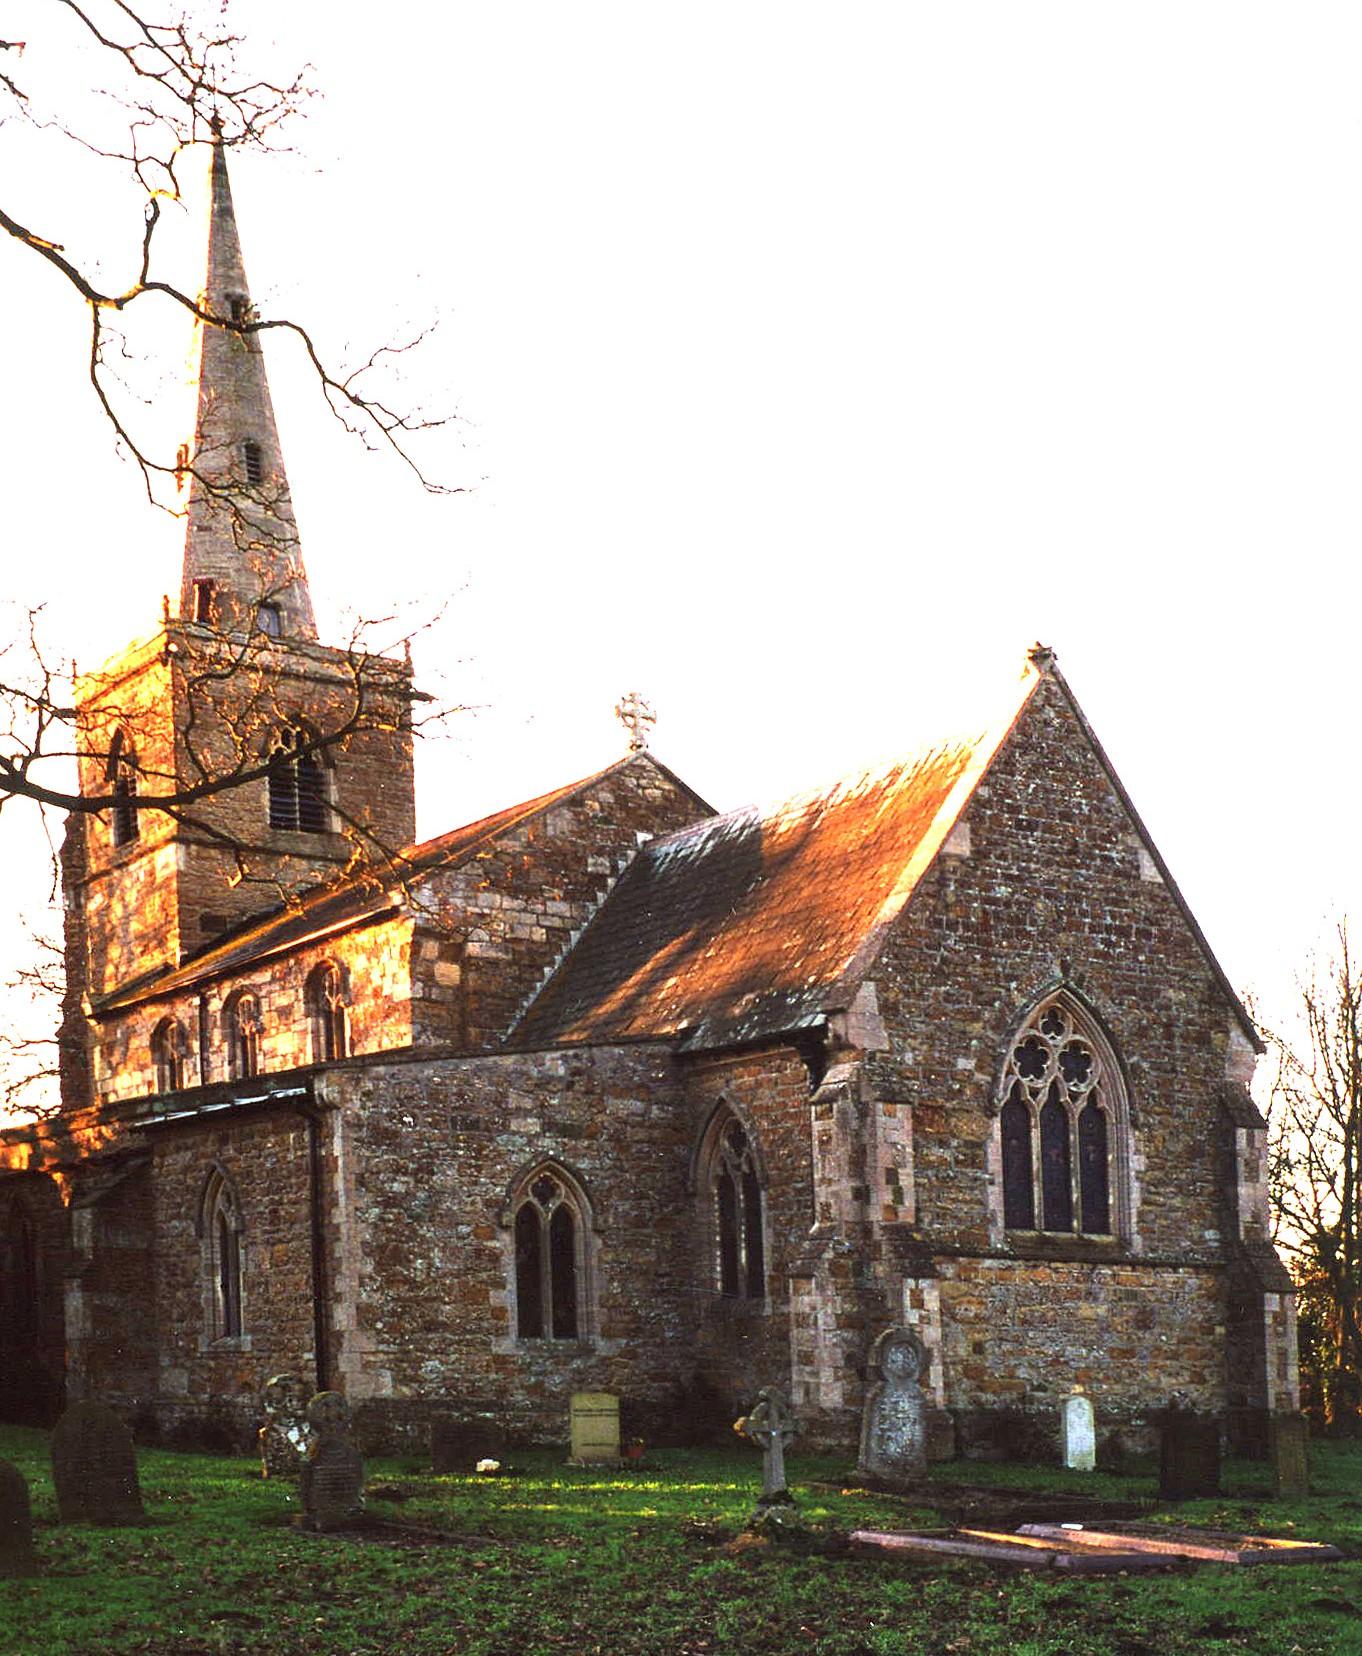 St. Cornelius Church